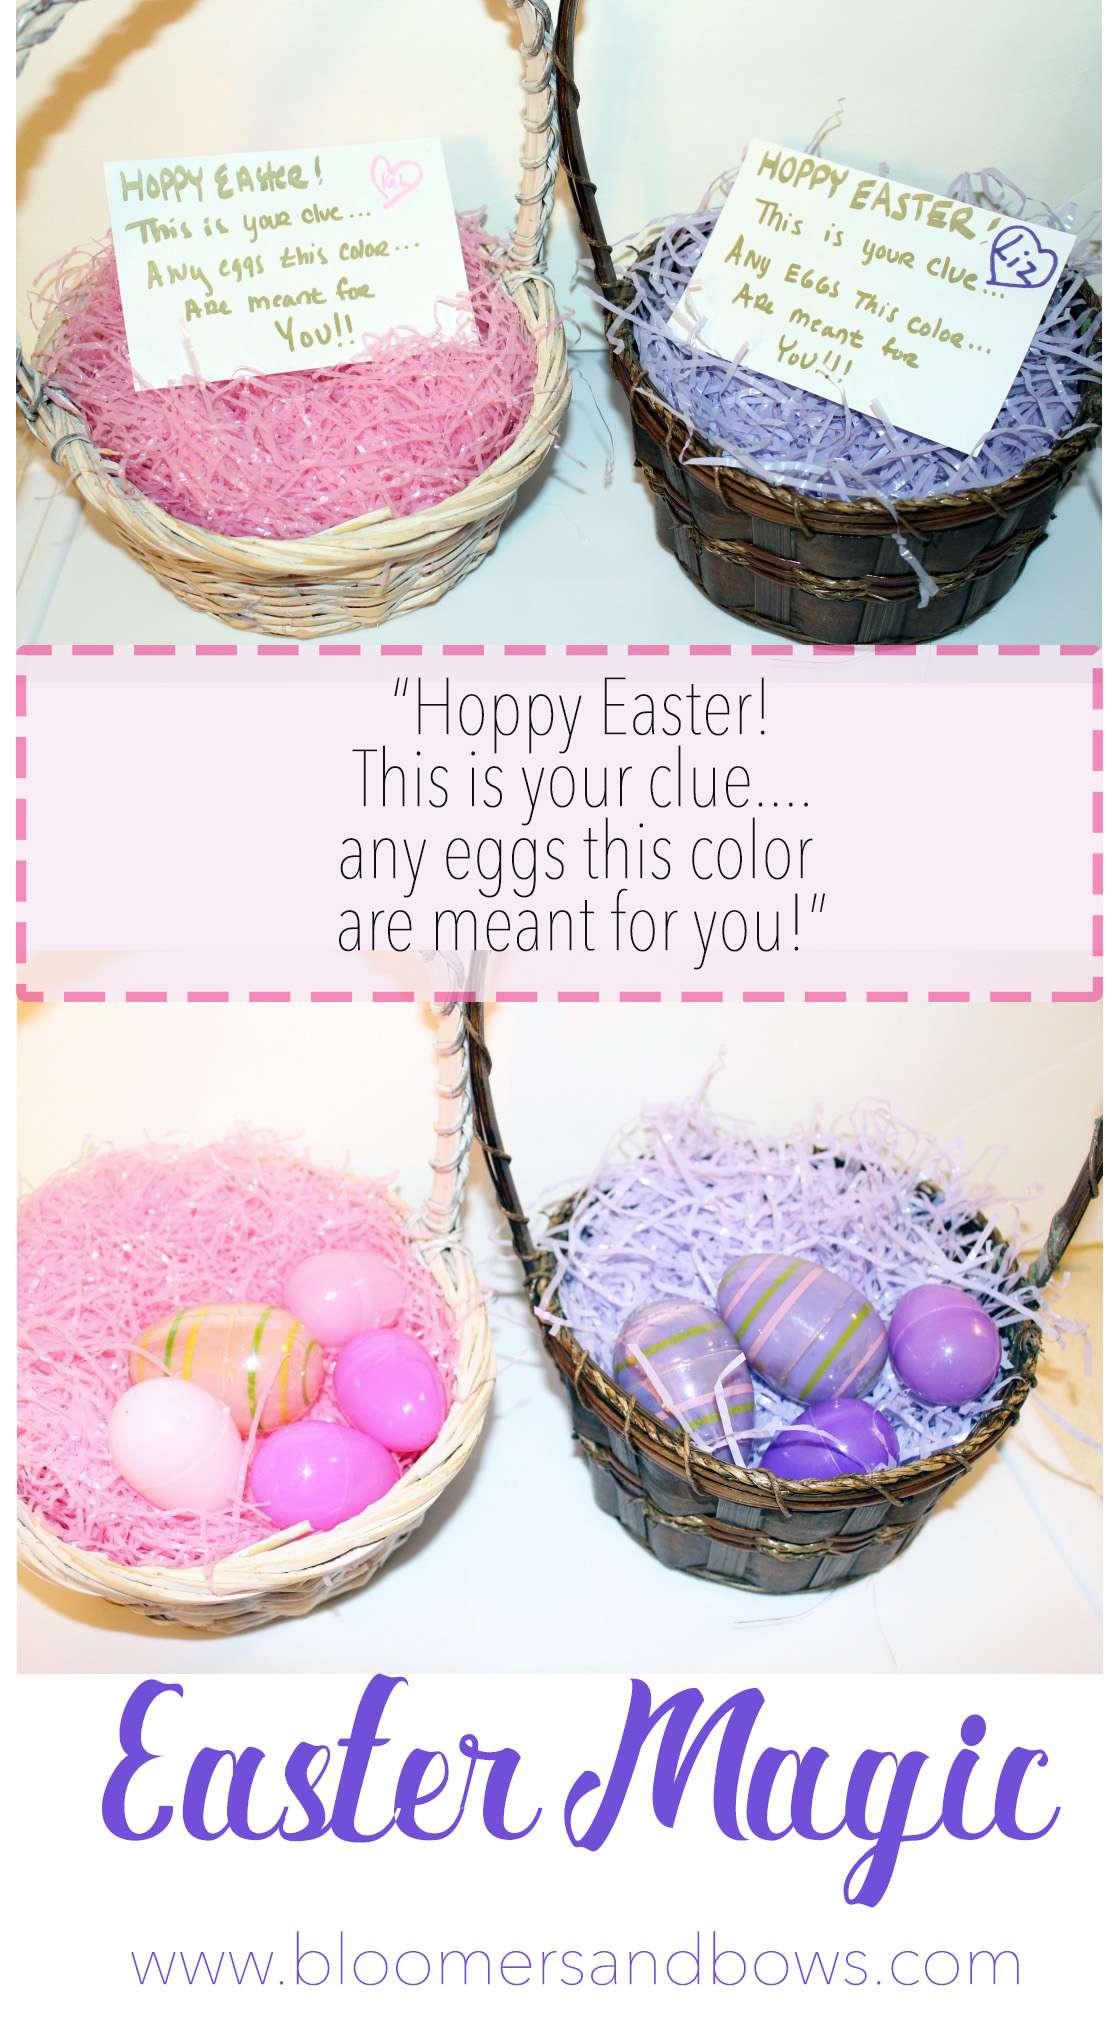 Easter Egg Hunt for little Girls   Easter Egg Scavenger Hunt   Bloomers and Bows  www.bloomersandbows.com